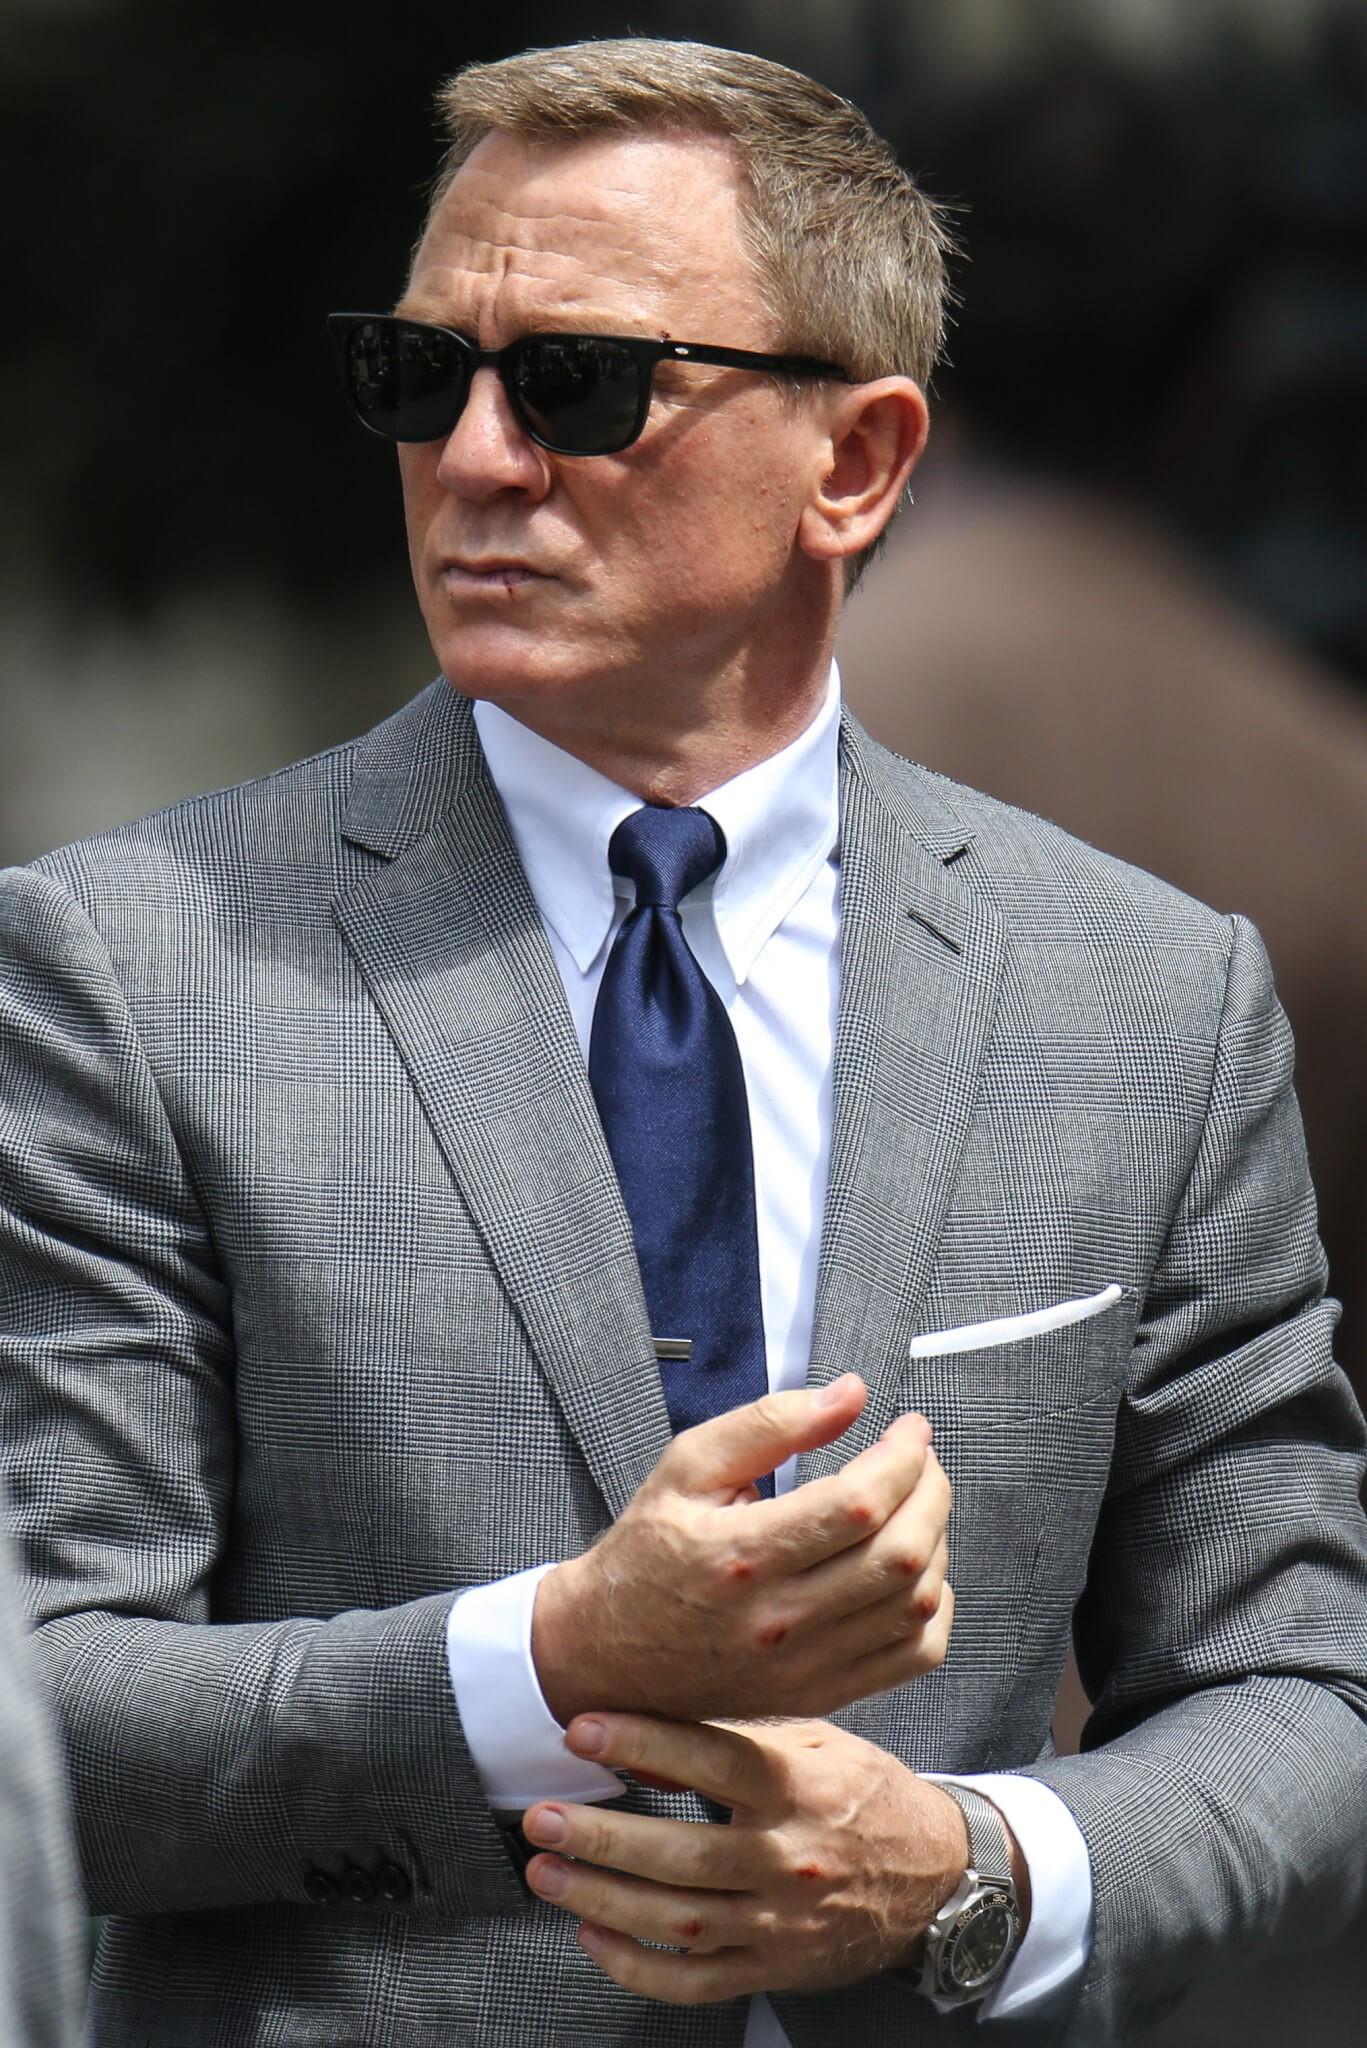 007戴了新欧米茄,却被人揍了一顿?